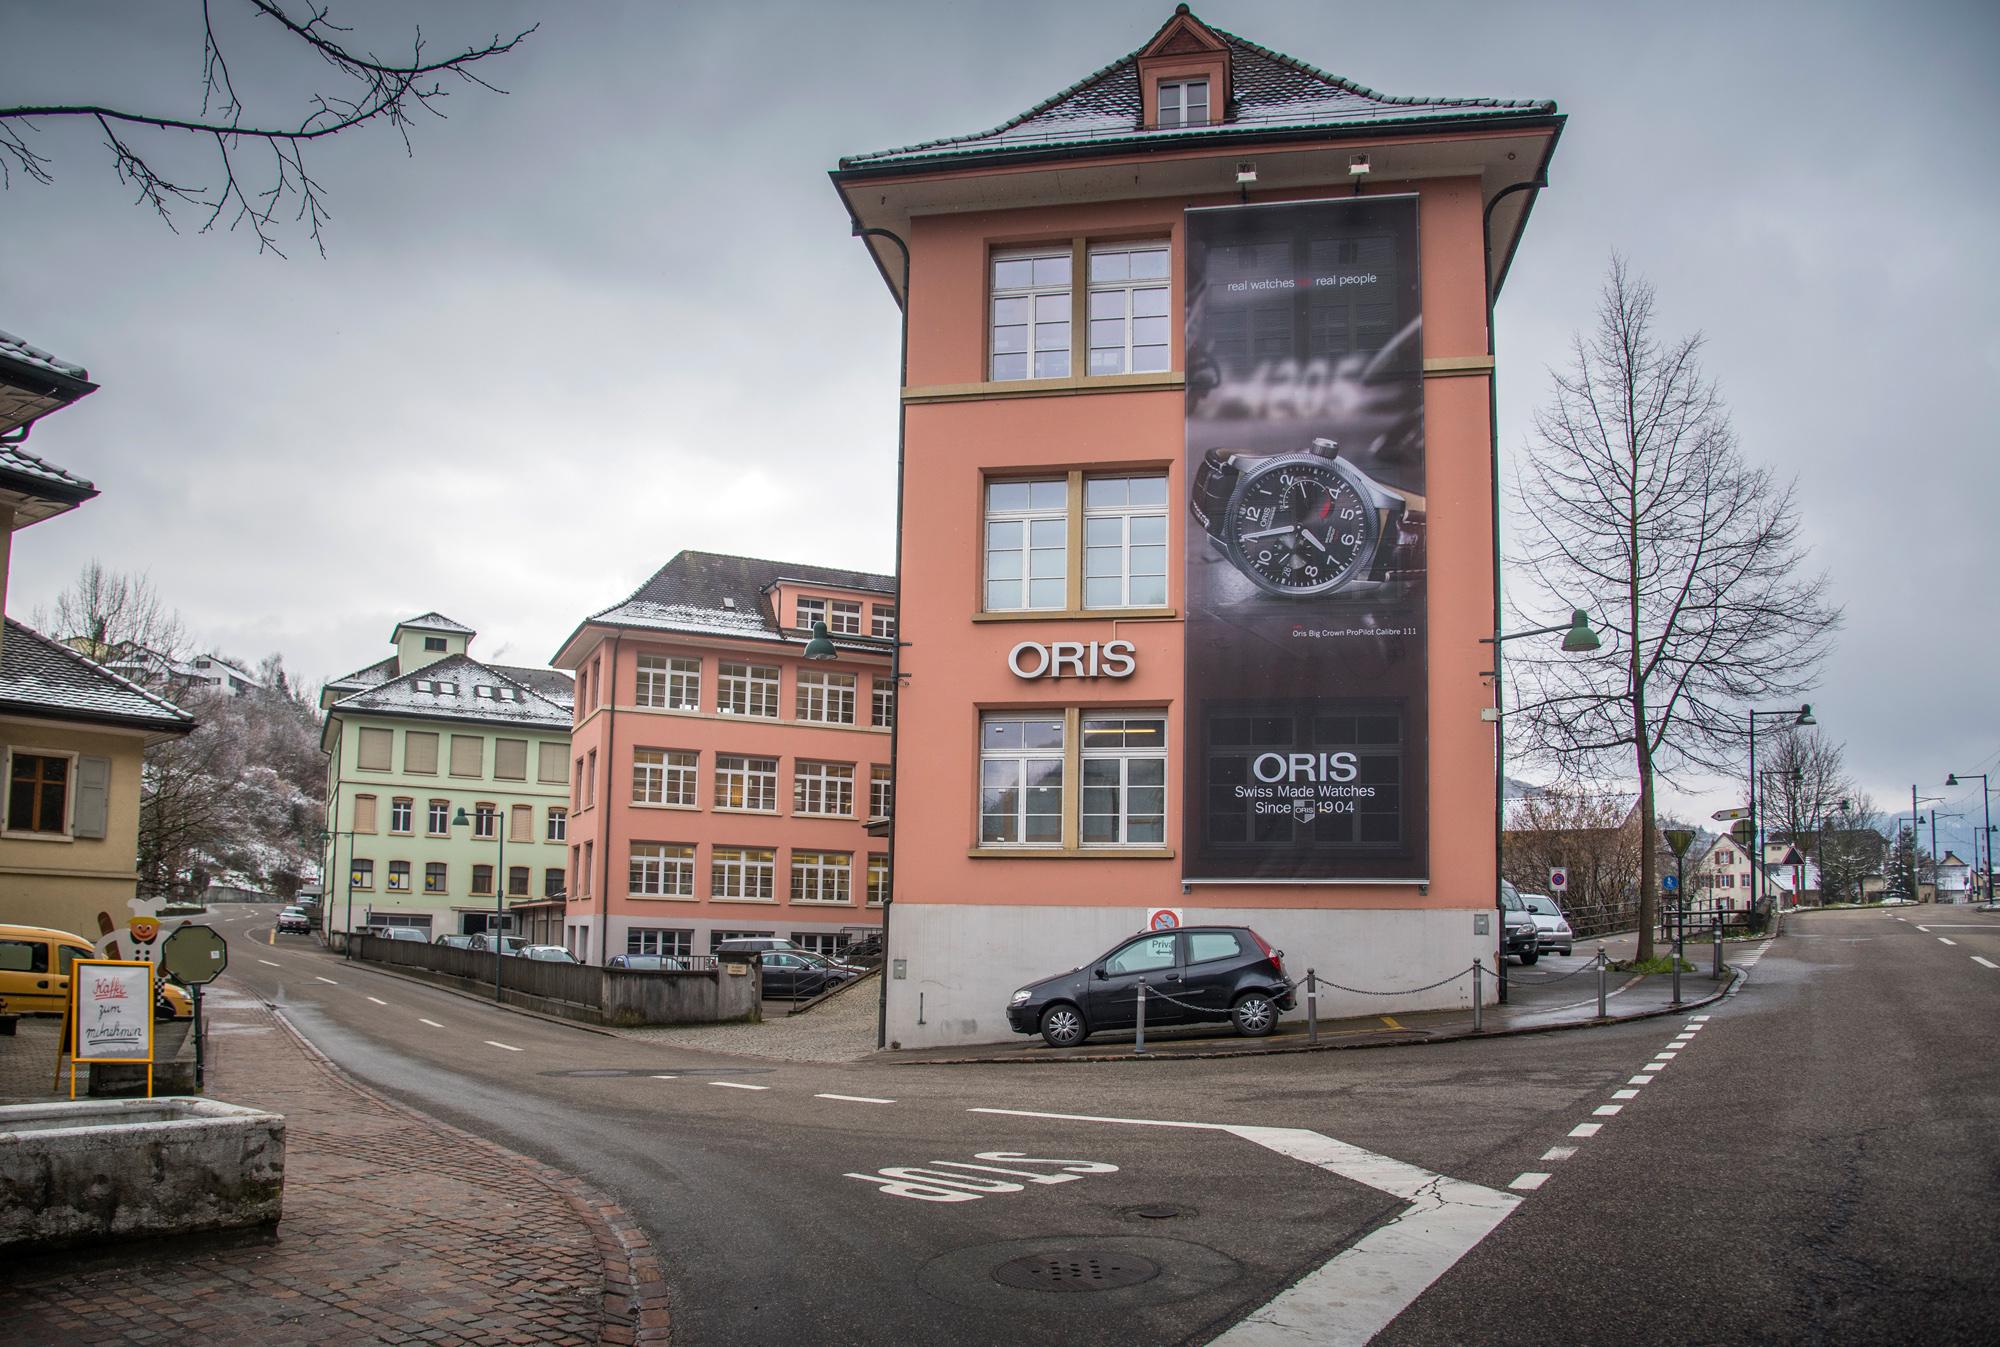 Im vorderen Teil des Gebäude stellt Oris weiterhin Uhren her. Der hintere Teil wurde verkauft.